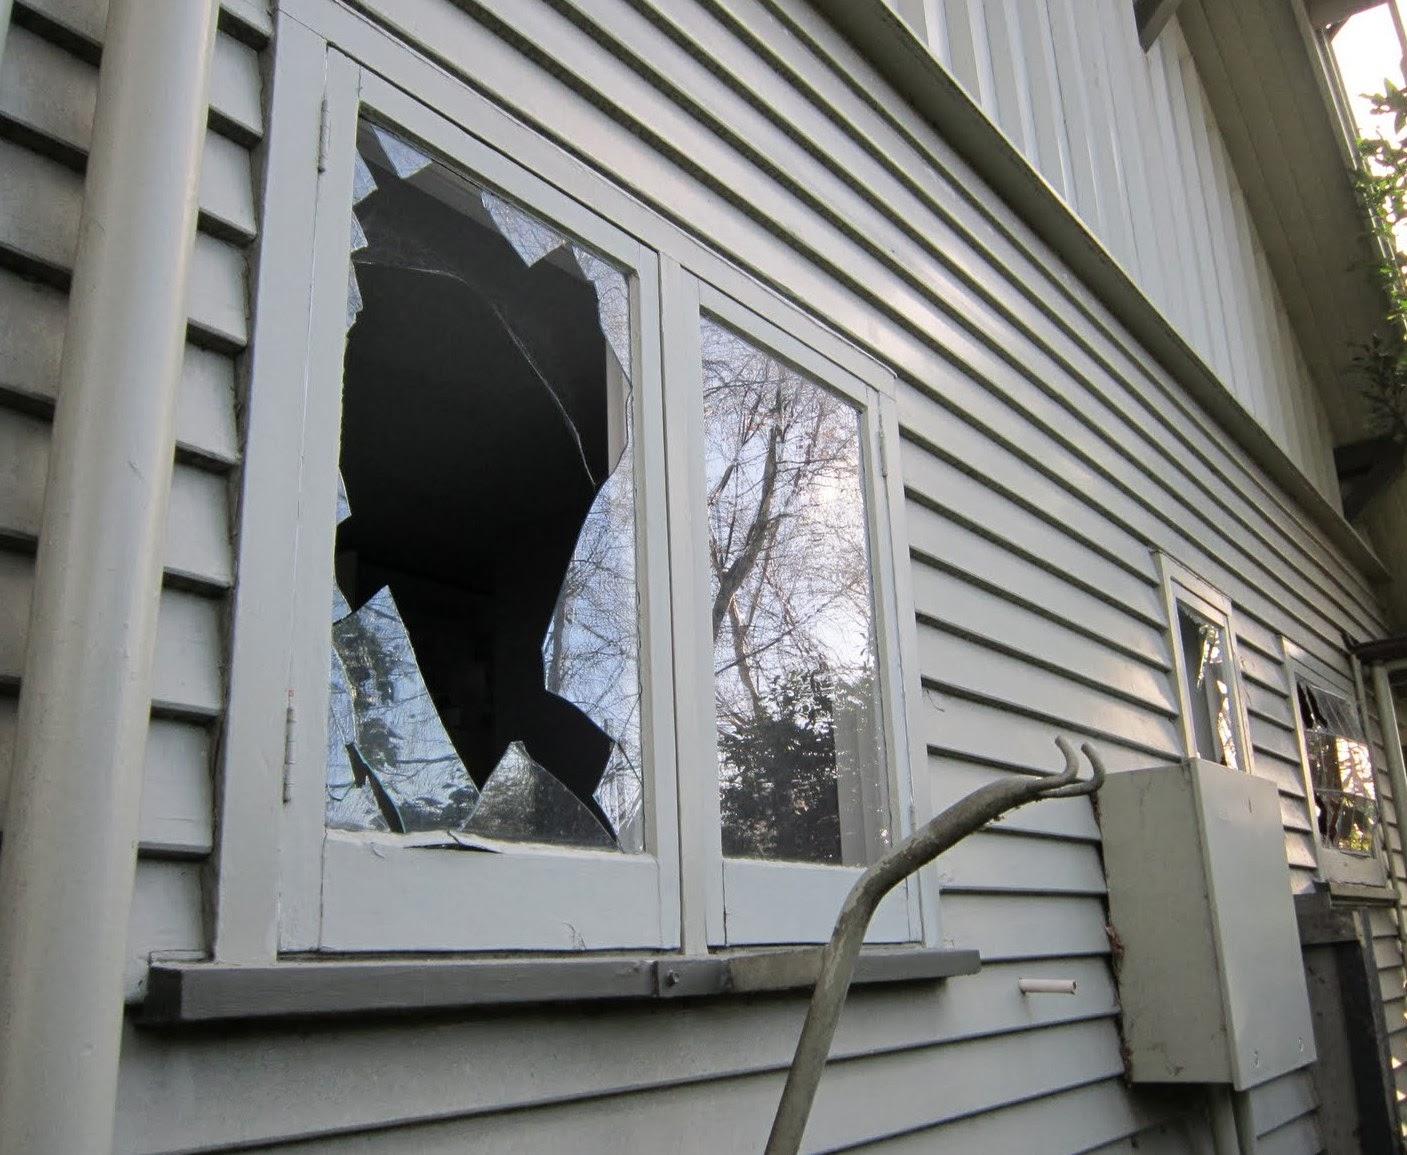 Cómo reemplazar el vidrio de una ventana